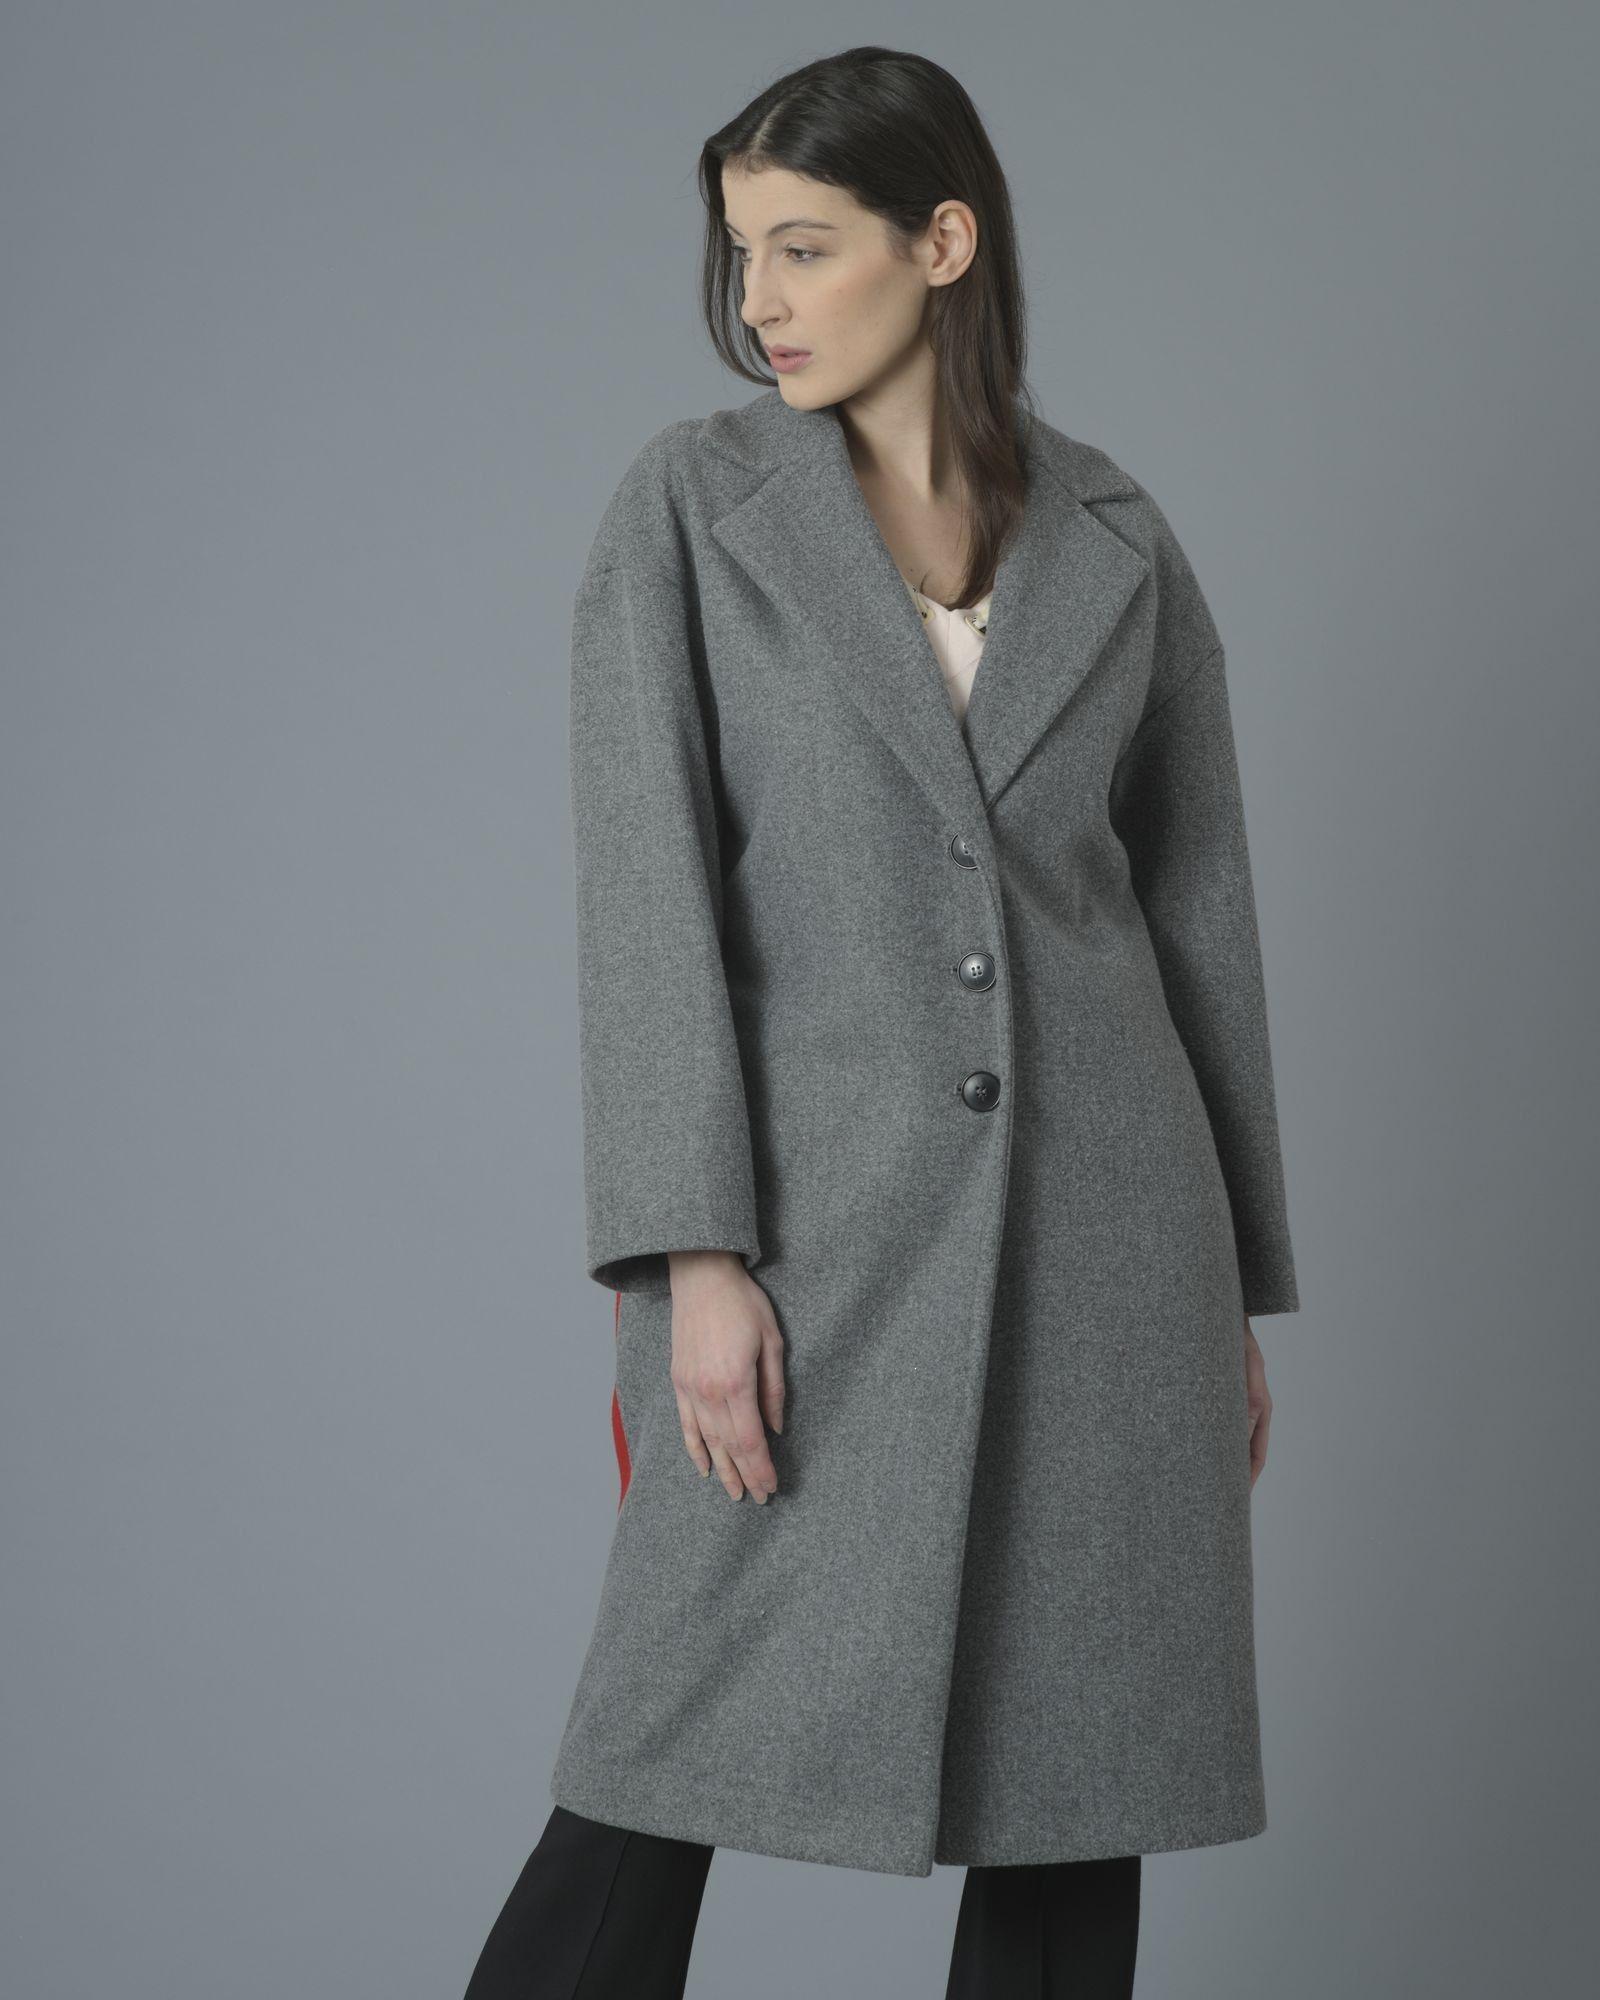 Manteau gris arrière tricolore gris beige rouge Space Simona Corsellini